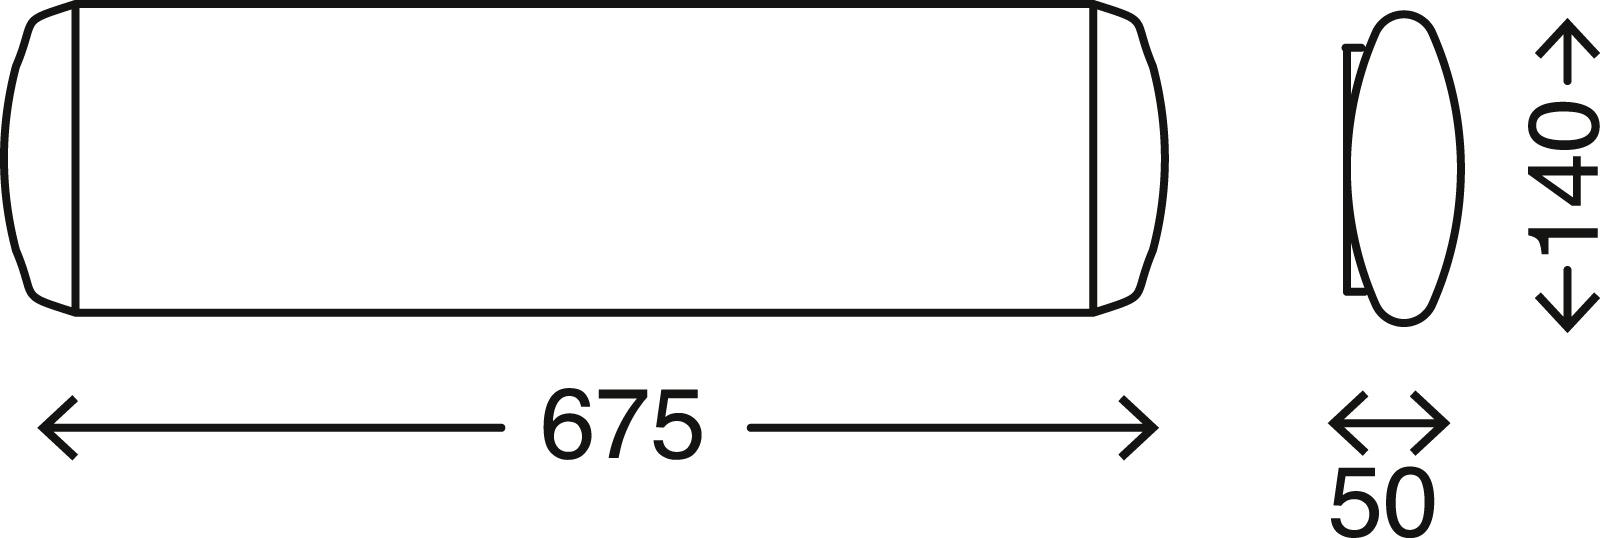 TELEFUNKEN LED Deckenleuchte, 67,5 cm, 10 W, Weiß